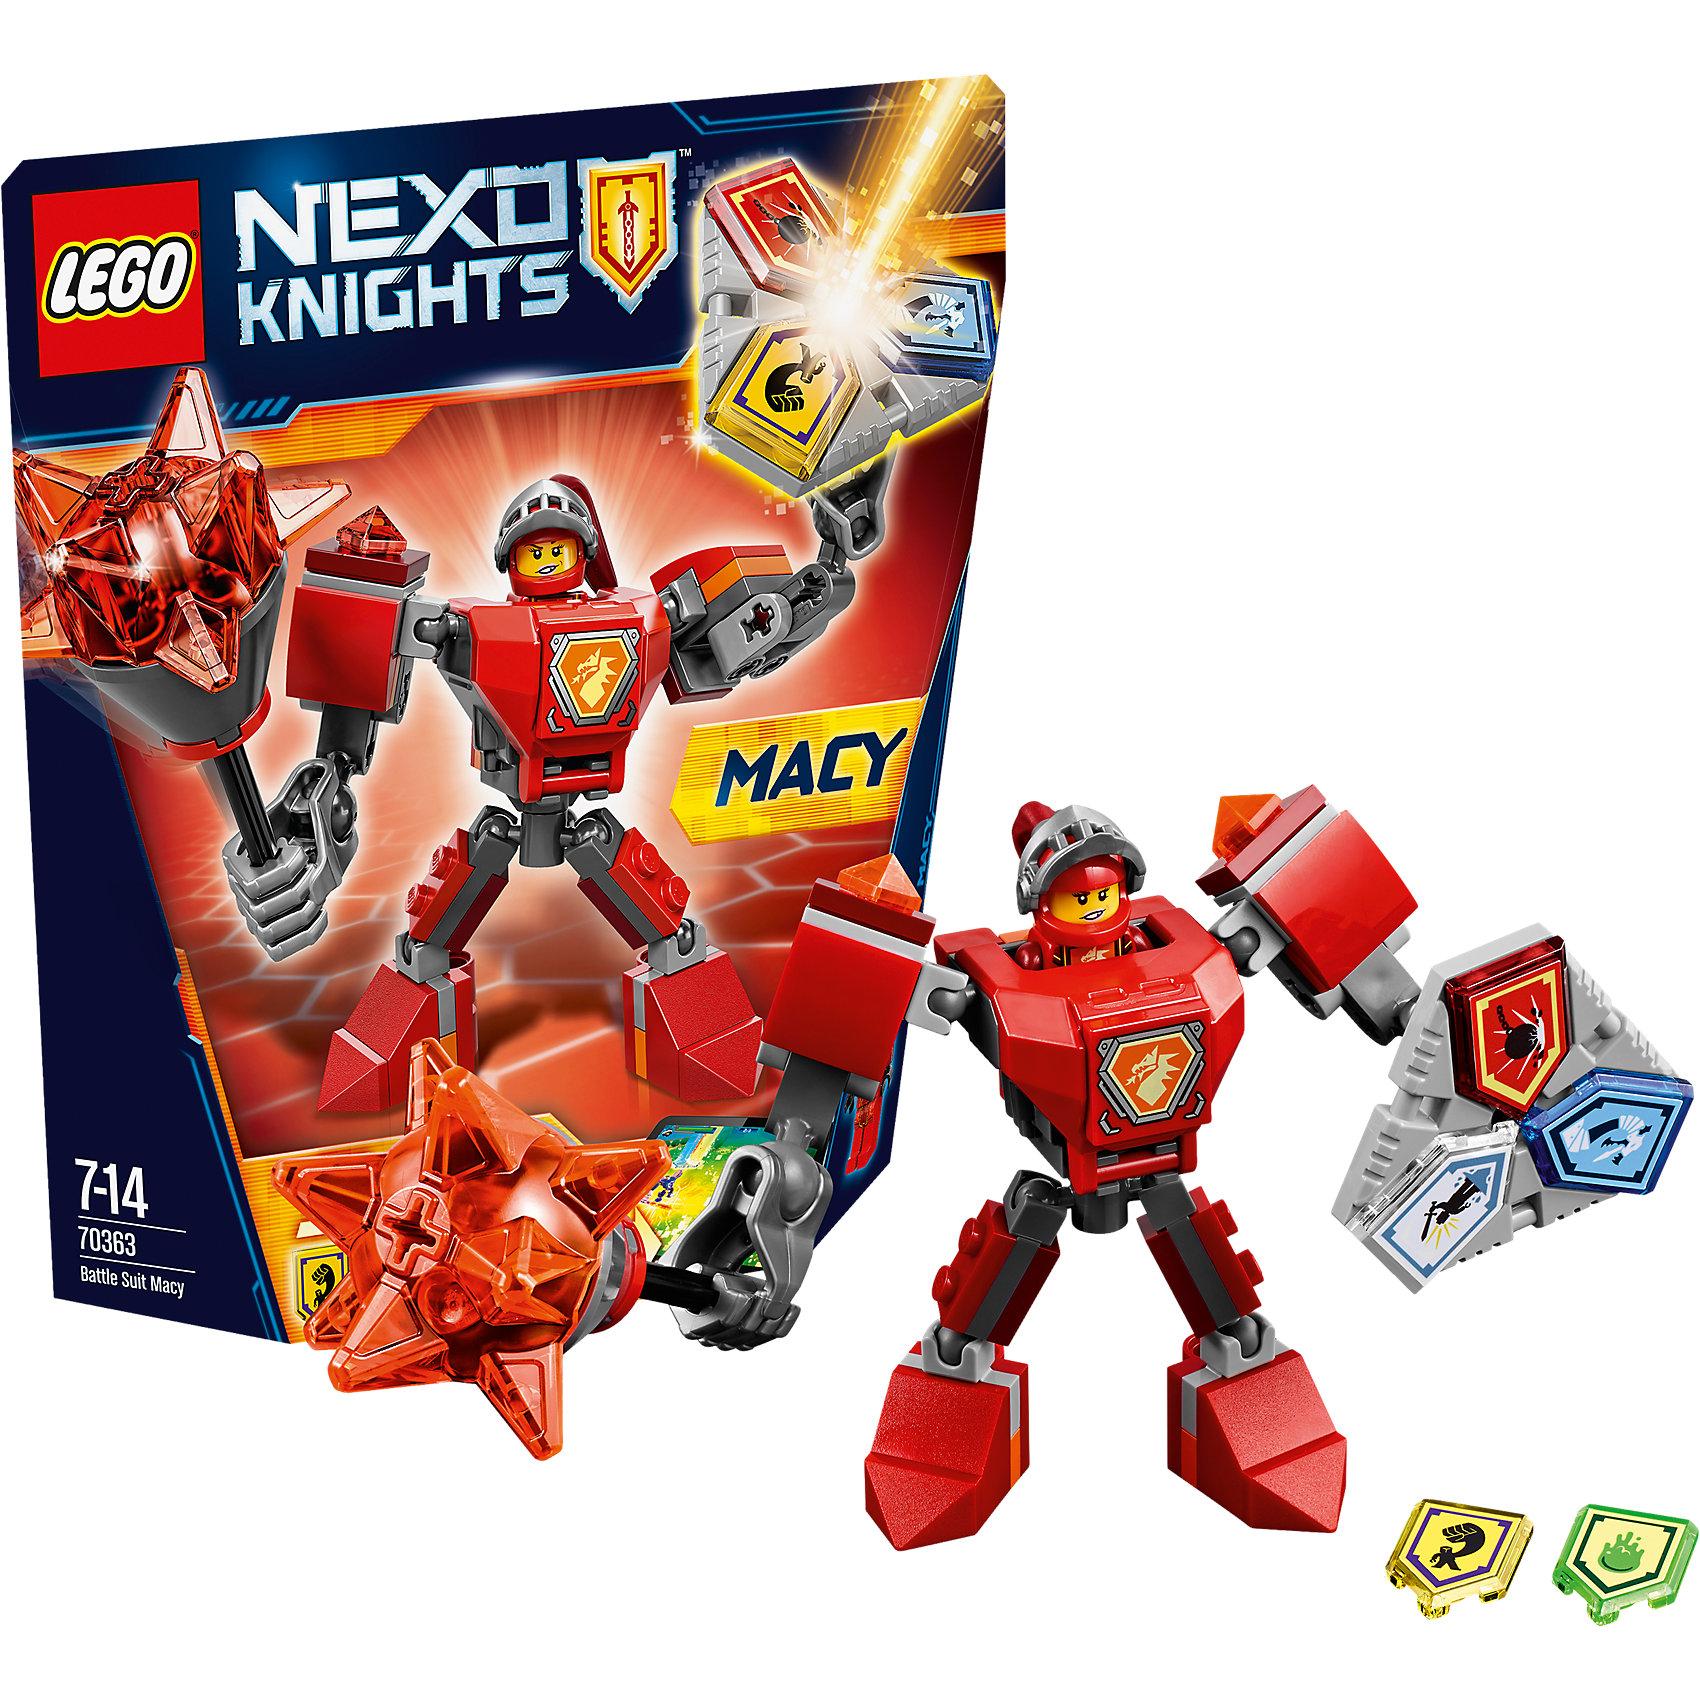 LEGO NEXO KNIGHTS 70363: Боевые доспехи МэйсиПластмассовые конструкторы<br>LEGO NEXO KNIGHTS 70363: Боевые доспехи Мэйси<br><br>Характеристики:<br><br>- в набор входит: доспехи, фигурка, 5 защитных сил, красочная инструкция<br>- состав: пластик<br>- количество деталей: 66<br>- размер коробки: 20 * 5,5 * 19 см.<br>- высота доспеха: 9 см.<br>- для детей в возрасте: от 7 до 14 лет<br>- Страна производитель: Дания/Китай/Чехия<br><br>Легендарный конструктор LEGO (ЛЕГО) представляет серию «NEXO KNIGHTS» (Нэксо Найтс) по сюжету одноименного мультсериала. Серия понравится любителям средневековья благодаря рыцарям, принцессам, монстрам и ужасным злодеям. Рыцарь-девушка Мейси получила свои новые боевые доспехи. Прекрасное сочетание темно-серого, красного и оранжевого цветов отлично ей подходят. Доспех на шарнирах и позволяет свободно двигать руками и ногами в плечах, локтях, коленях, бедрах и торсе. Прочный щит содержит сразу три силы, а мощная и яркая булава с прозрачными деталями станет отличной помощницей в битве. Изображенный на груди герб Мейси является особенностью доспеха. Фигурка Мейси входит в комплект и отлично детализирована. Съемный шлем выглядит очень правдоподобно, а забрало поднимается и опускается. К доспеху можно будет прикрепить детали LEGO NEXO KNIGHTS, которые выйдут во втором полугодии 2017 года. Помогай рыцарям бороться с каменными монстрами с помощью прогресса и невероятной Нексо силы!<br><br>Конструктор LEGO NEXO KNIGHTS 70363: Боевые доспехи Мэйси можно купить в нашем интернет-магазине.<br><br>Ширина мм: 208<br>Глубина мм: 182<br>Высота мм: 50<br>Вес г: 119<br>Возраст от месяцев: 84<br>Возраст до месяцев: 168<br>Пол: Мужской<br>Возраст: Детский<br>SKU: 5002427